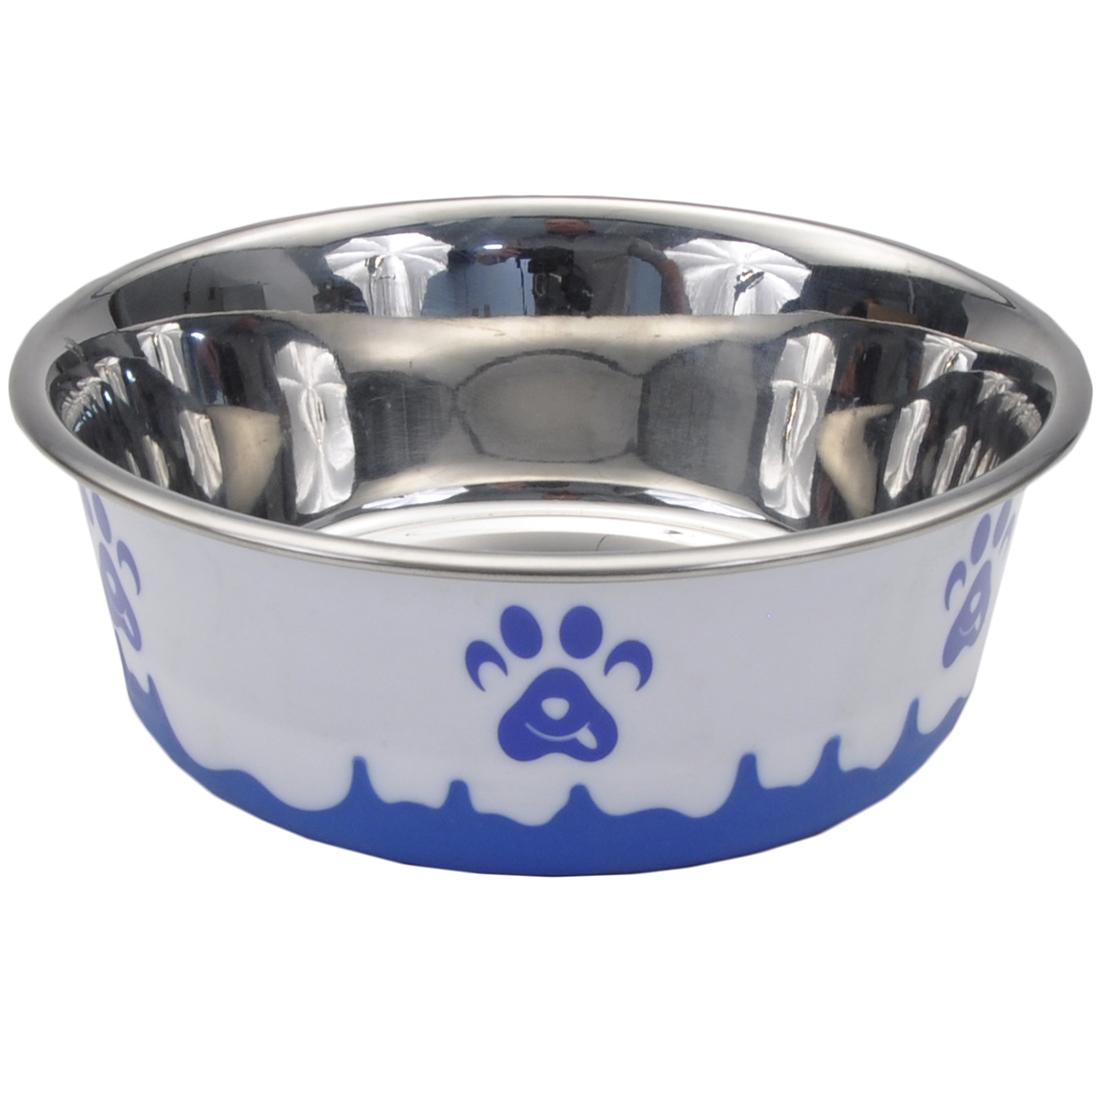 Coastal Pet Products 88421 B/W28